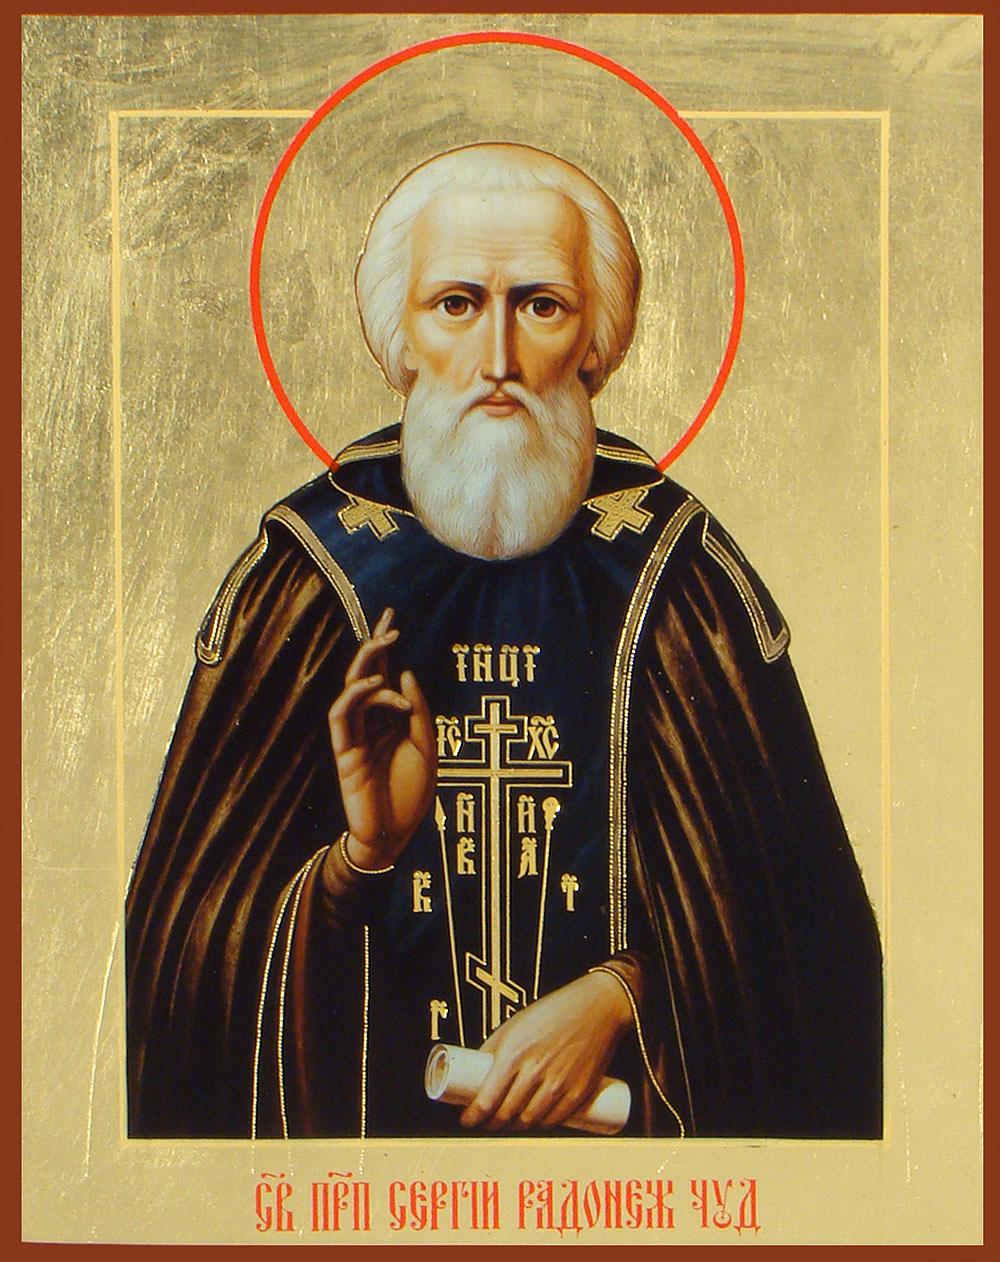 8 октября – Преставление преподобного Сергия Радонежского